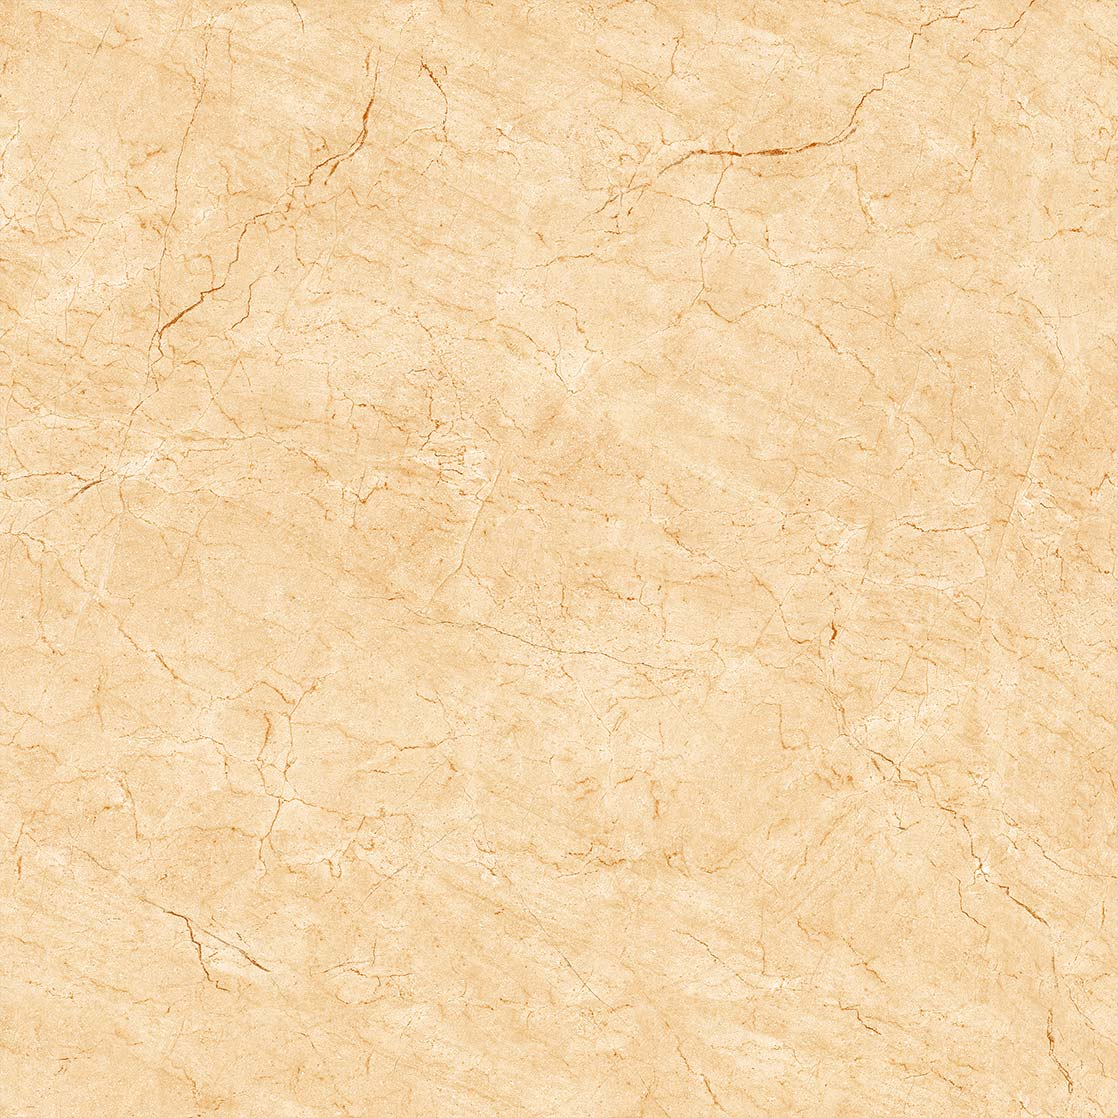 Gạch lát nền 500x500 Viglacera H503 giá rẻ